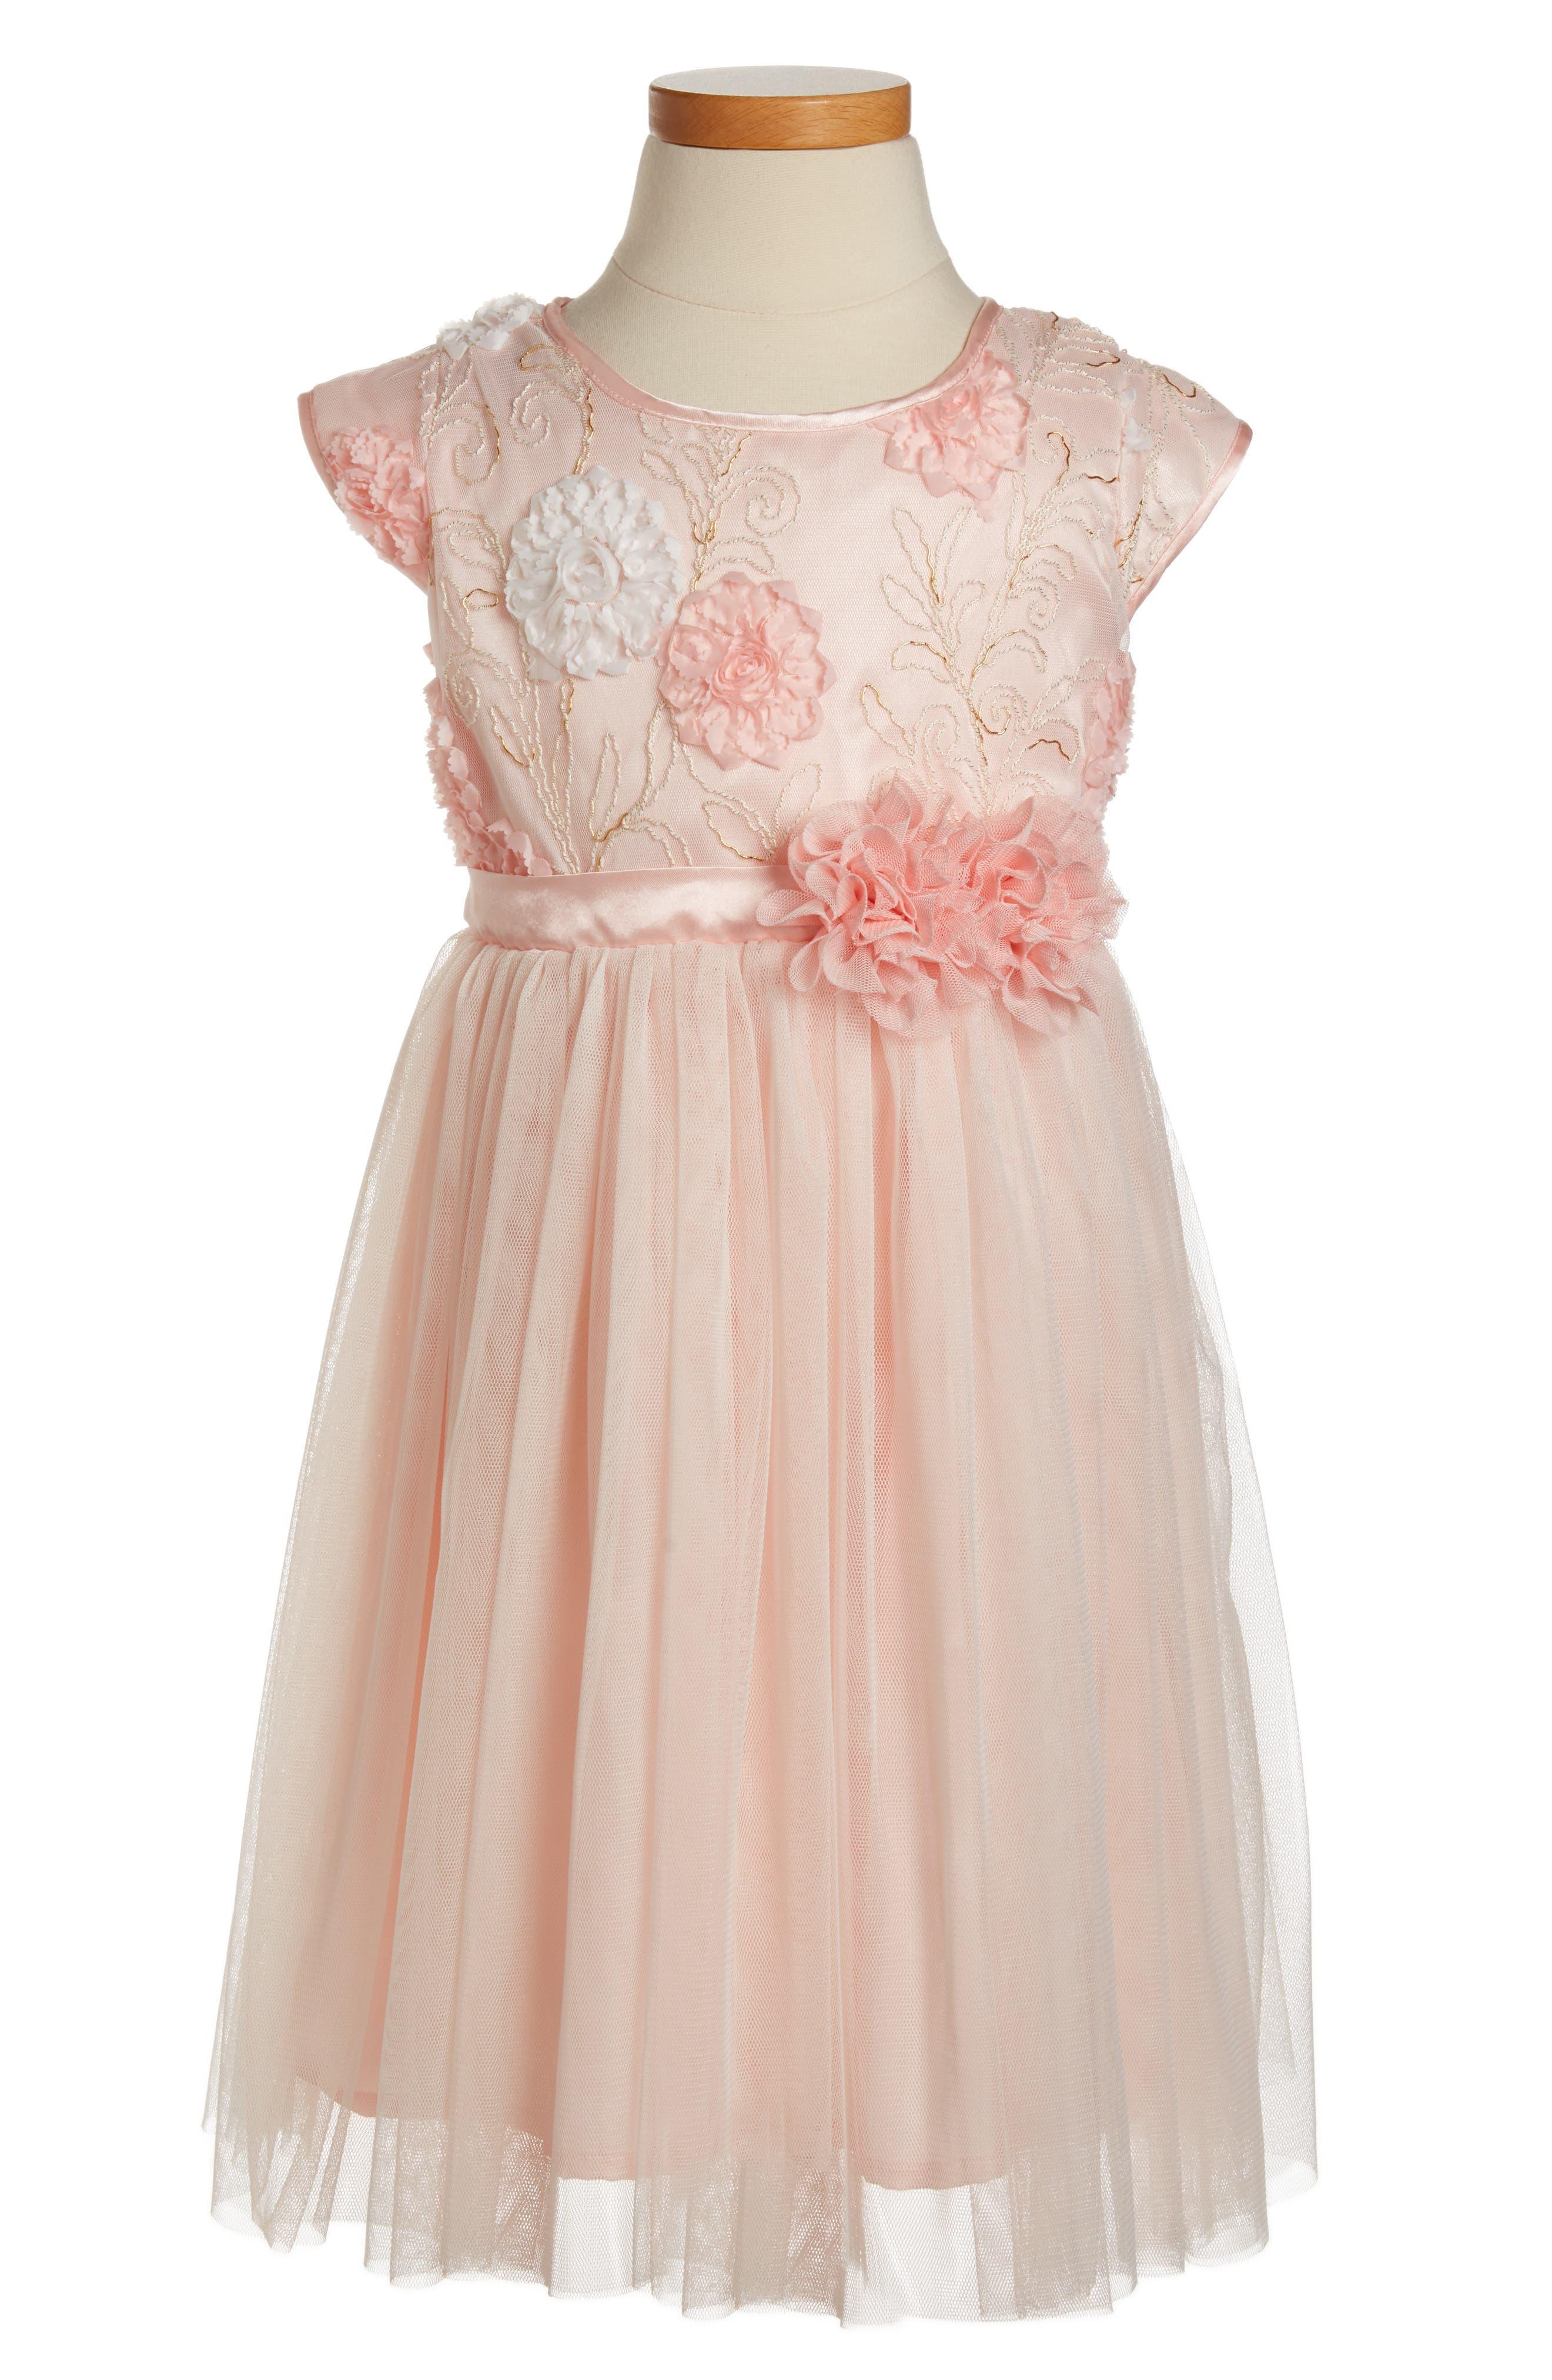 Main Image - Popatu Golden Trim Flower Dress (Toddler Girls, Little Girls & Big Girls)